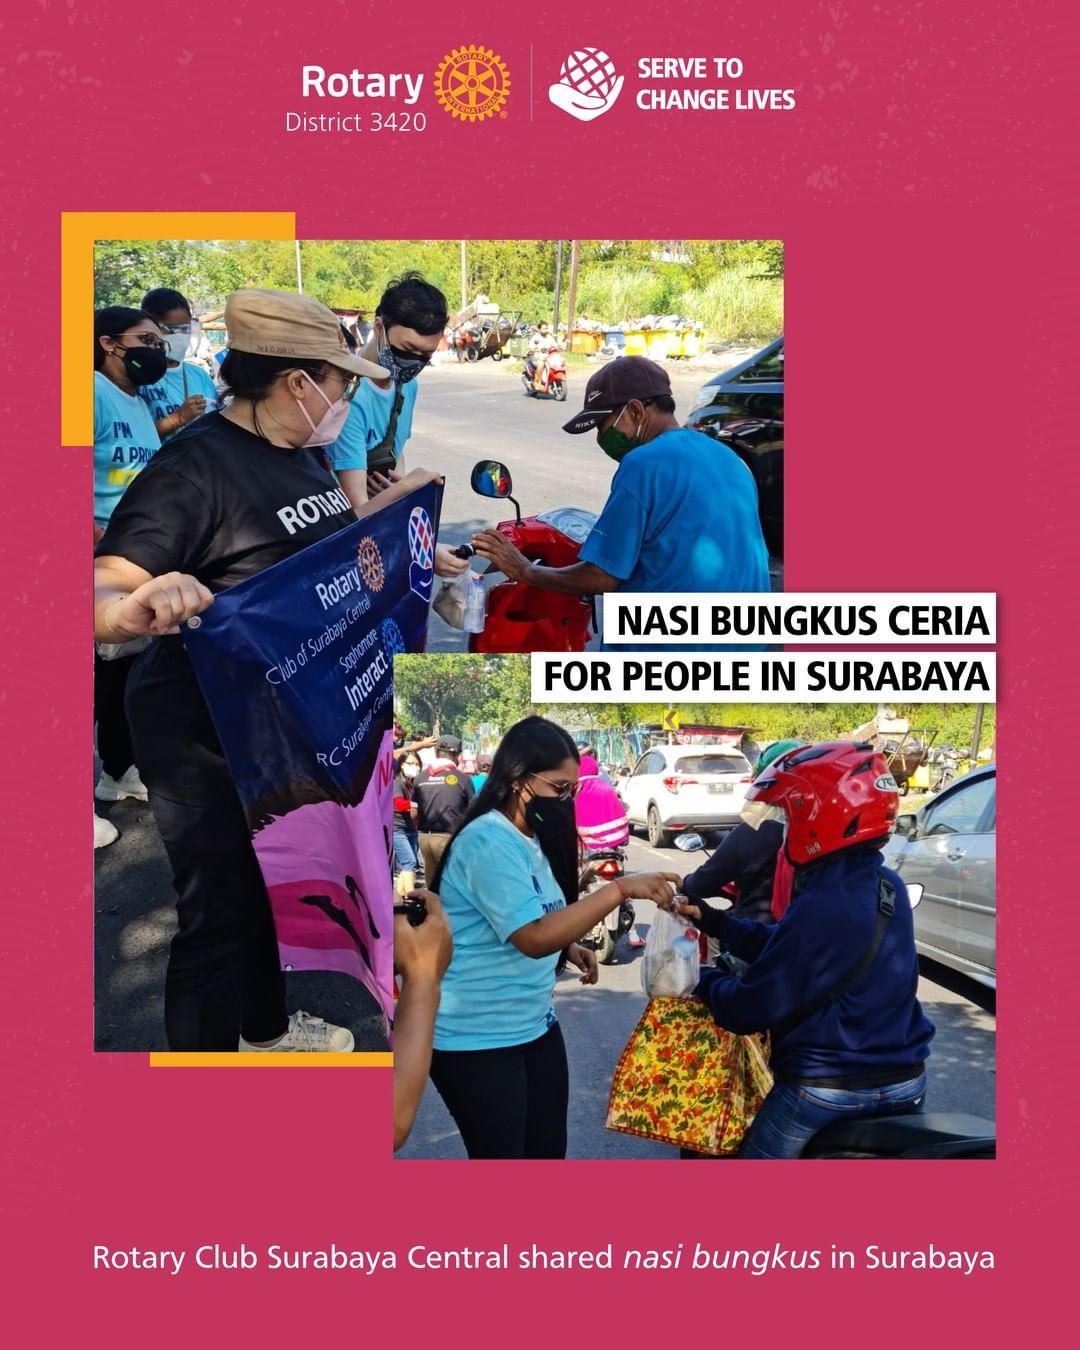 Nasi Bungkus Ceria for People in Surabaya